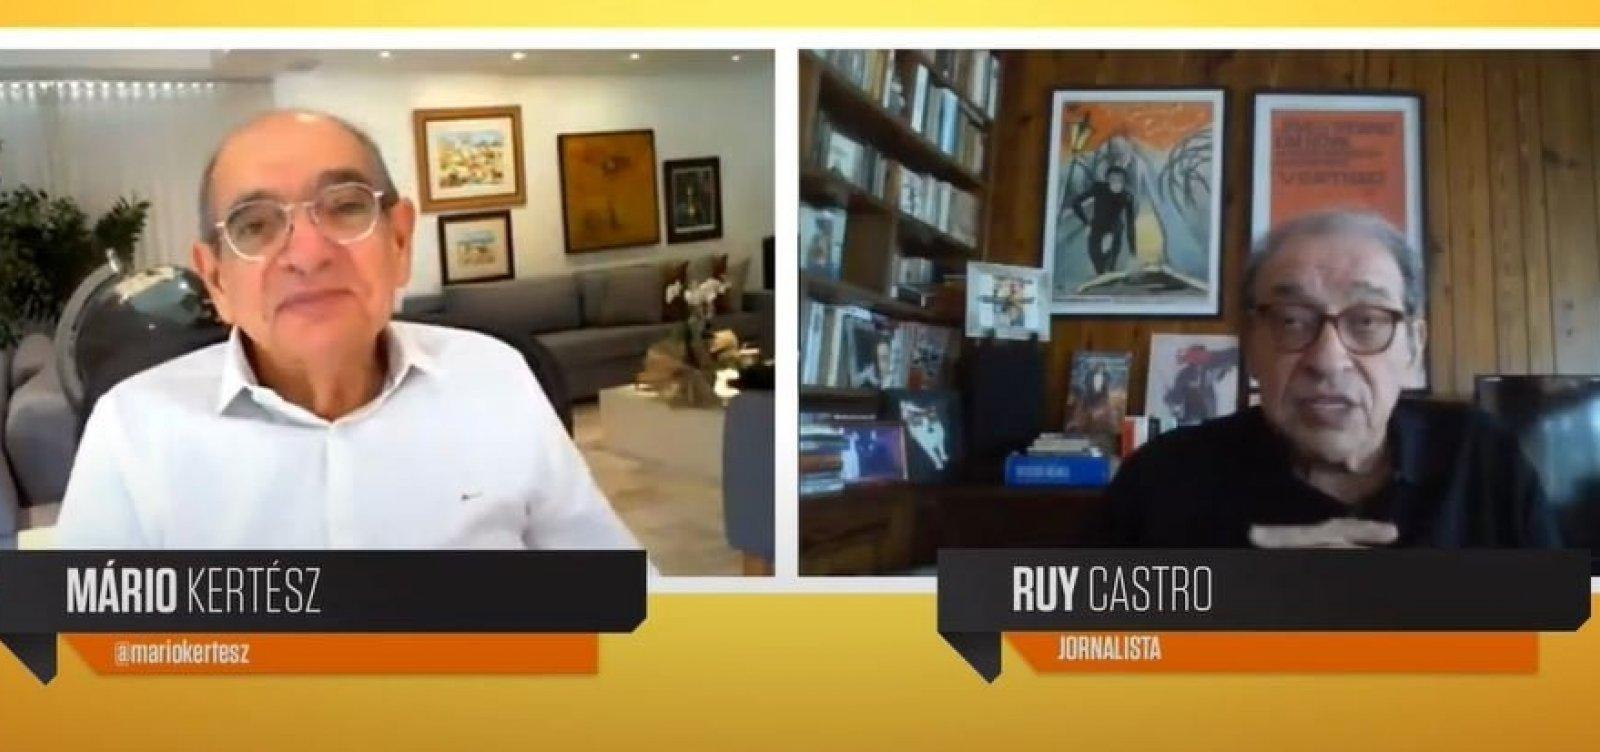 [Com 60 anos de carreira, Ruy Castro anuncia curso para escrita ficcional, não-ficção e crônica]